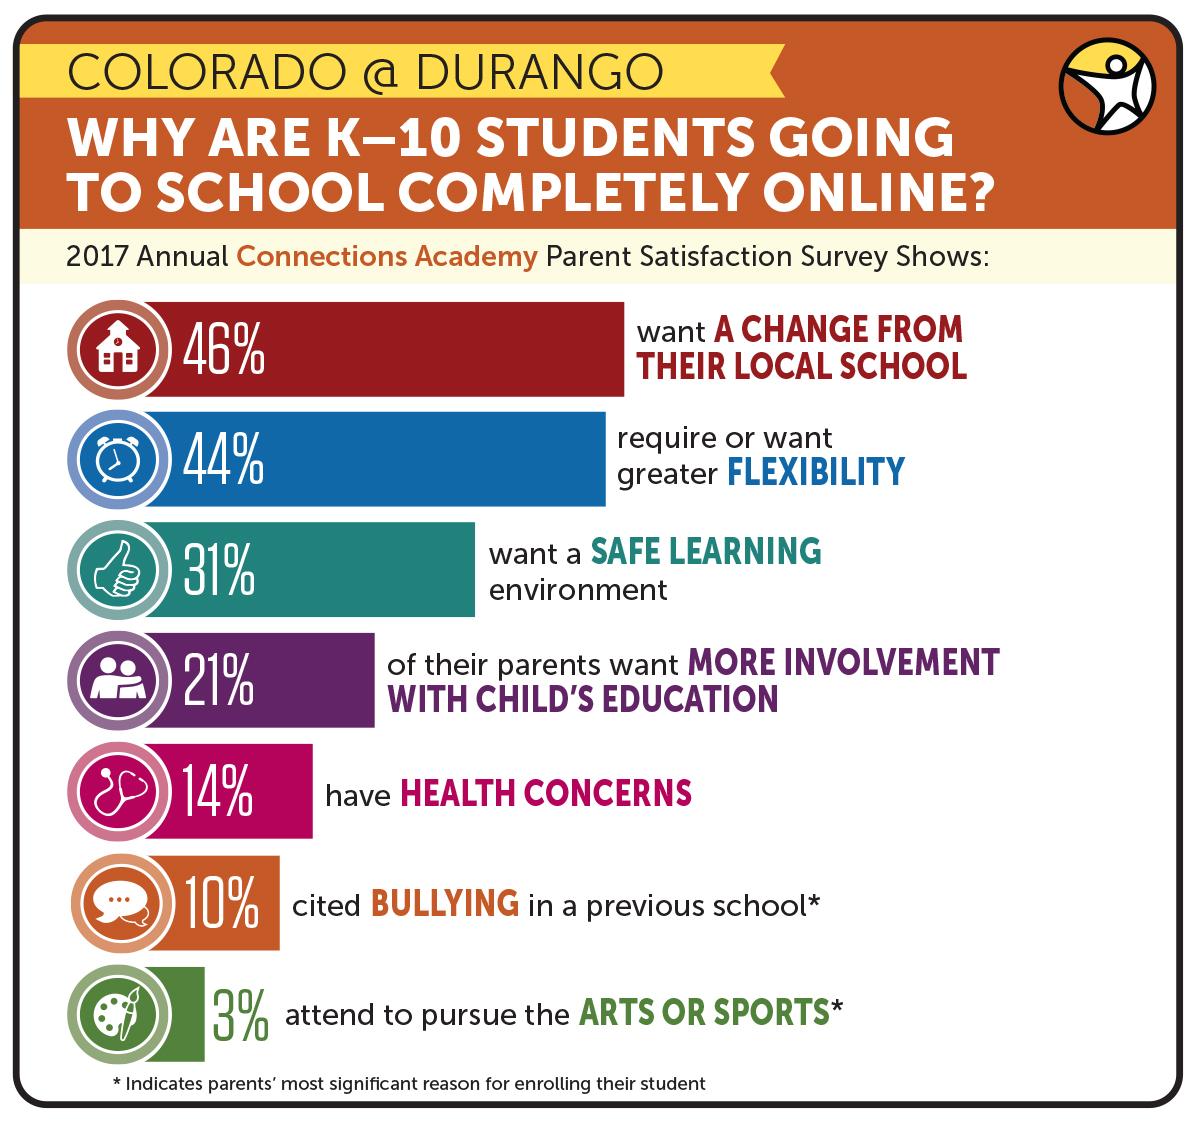 Colorado Connections Academy Online K-12 Public Schools